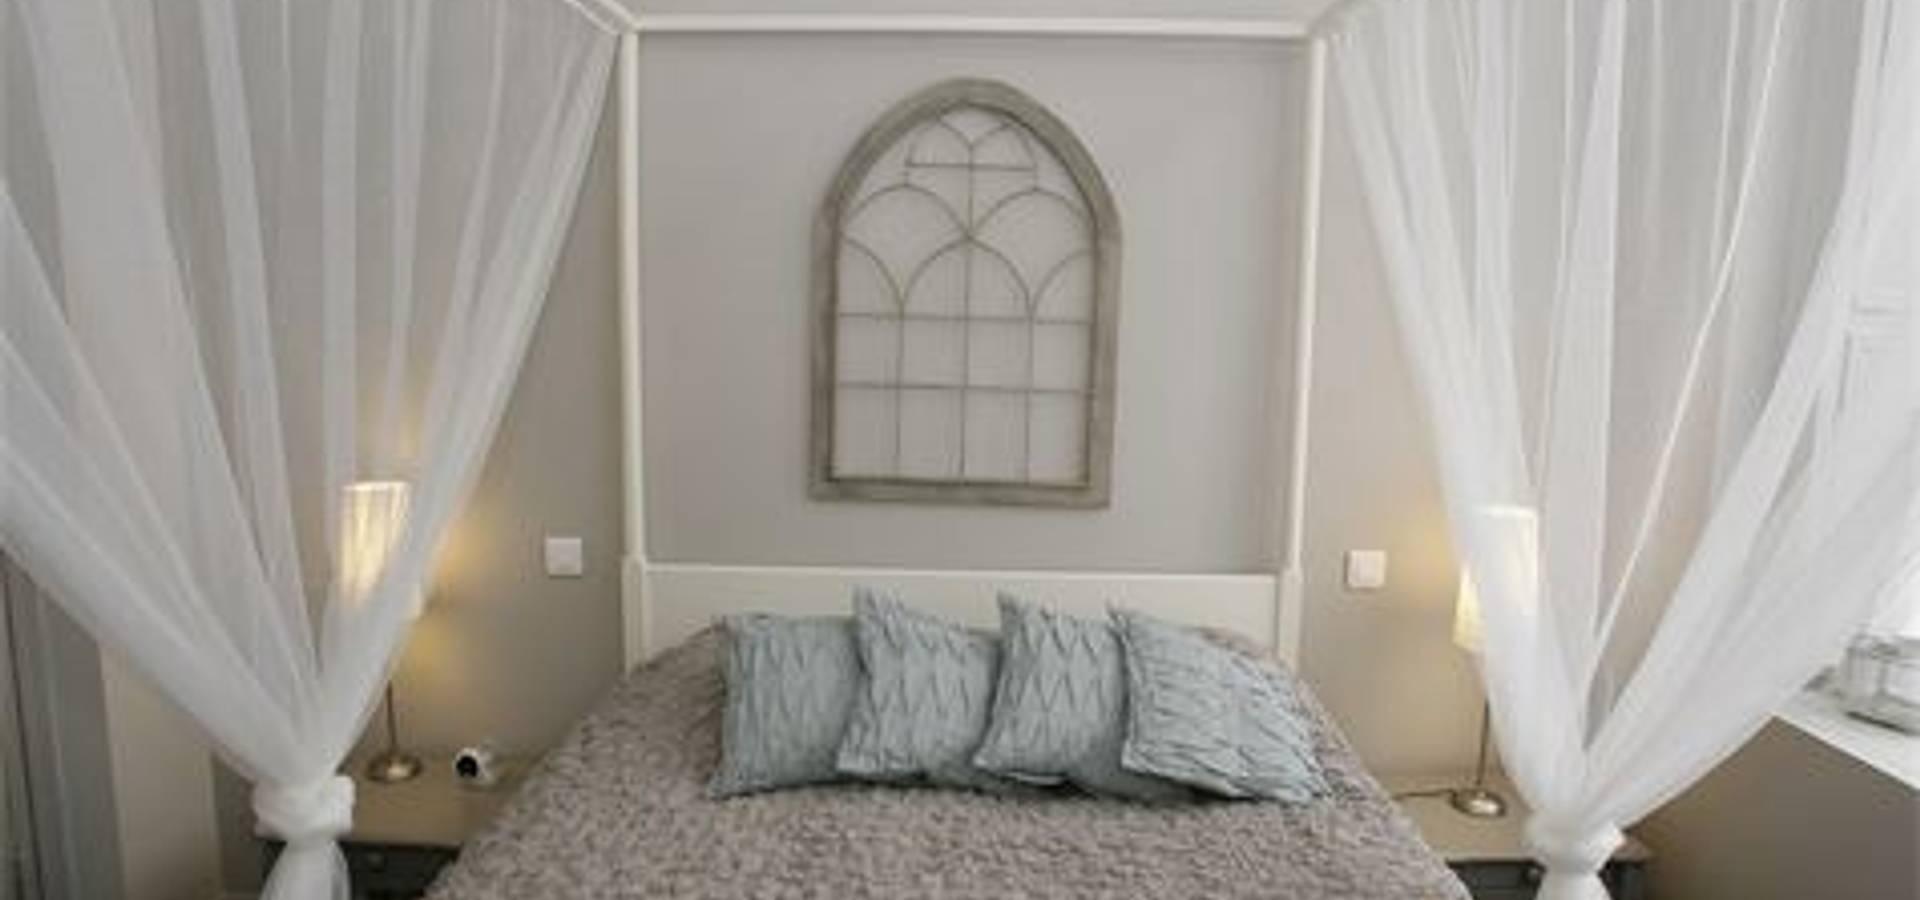 delphine clarisse cr ation de gites meubl s de charme homify. Black Bedroom Furniture Sets. Home Design Ideas